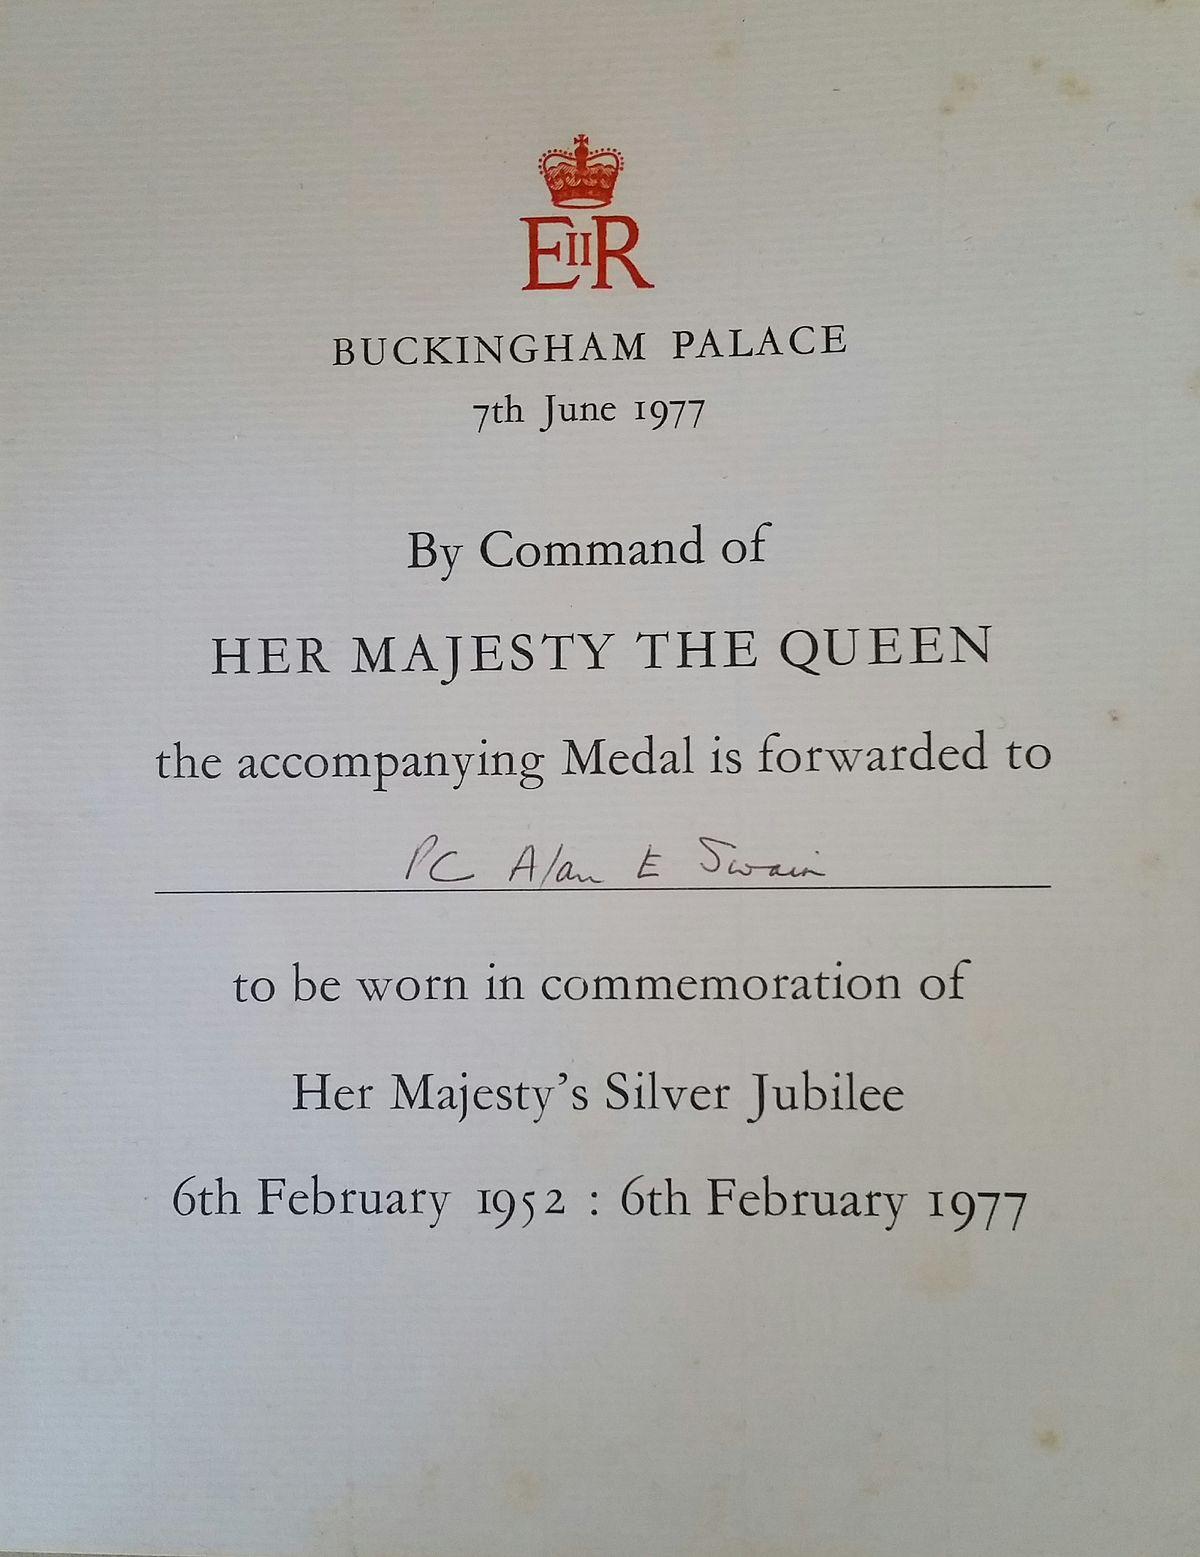 Queen Elizabeth II Silver Jubilee Medal - Wikipedia